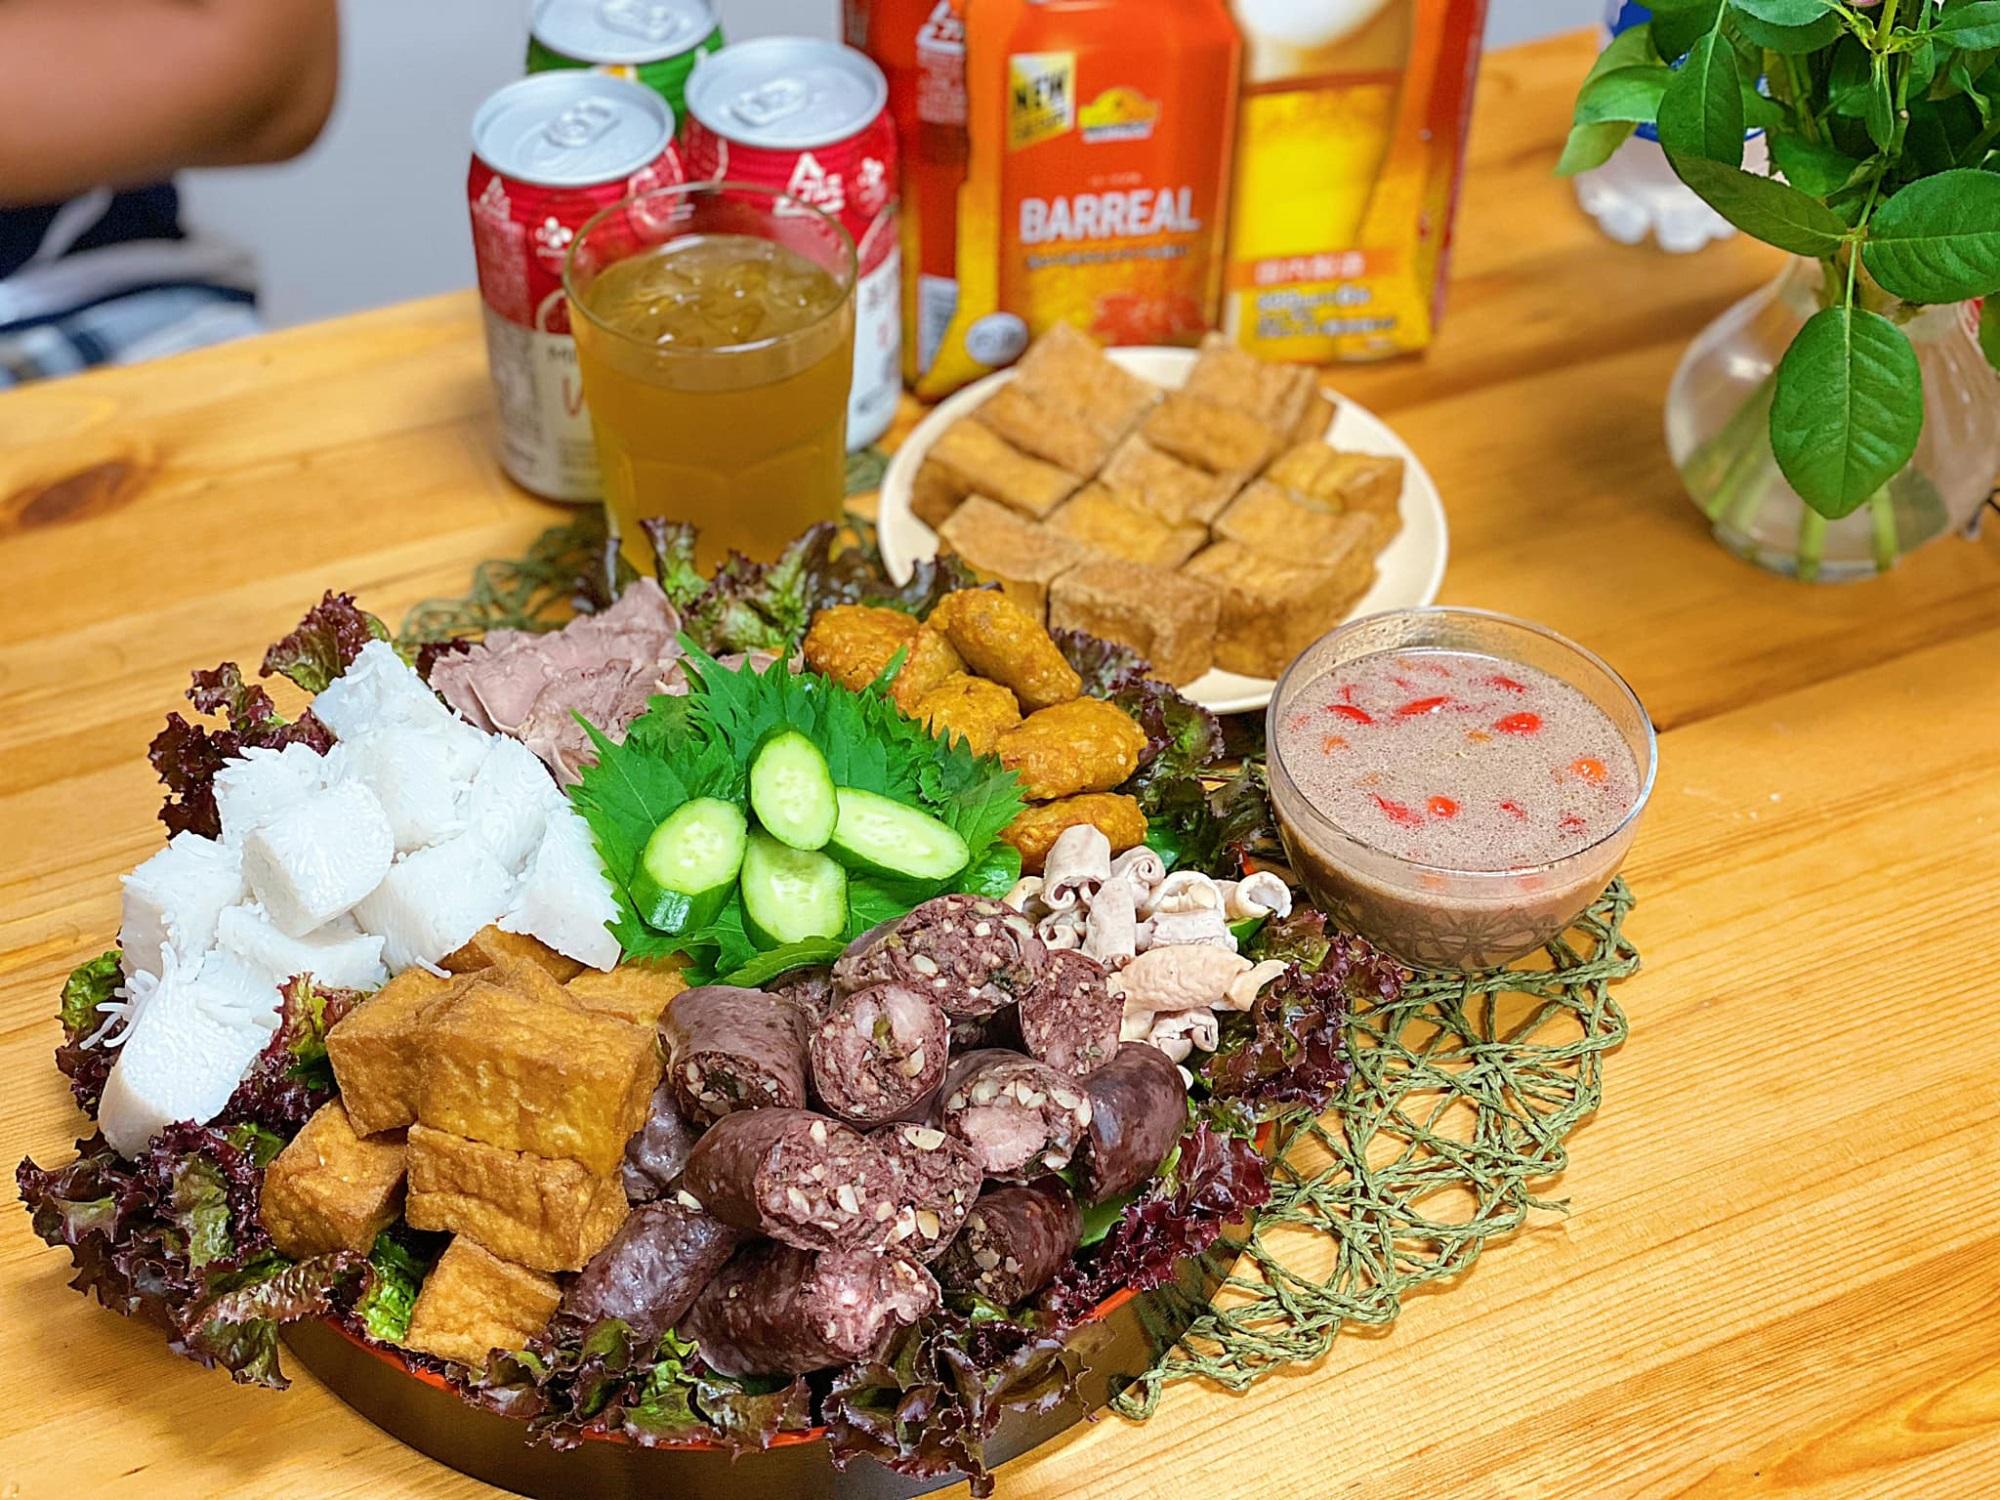 Bún đậu mắm tôm 'ăn là nghiền' với công thức làm thỏa lòng 'những người con xa xứ'  - Ảnh 1